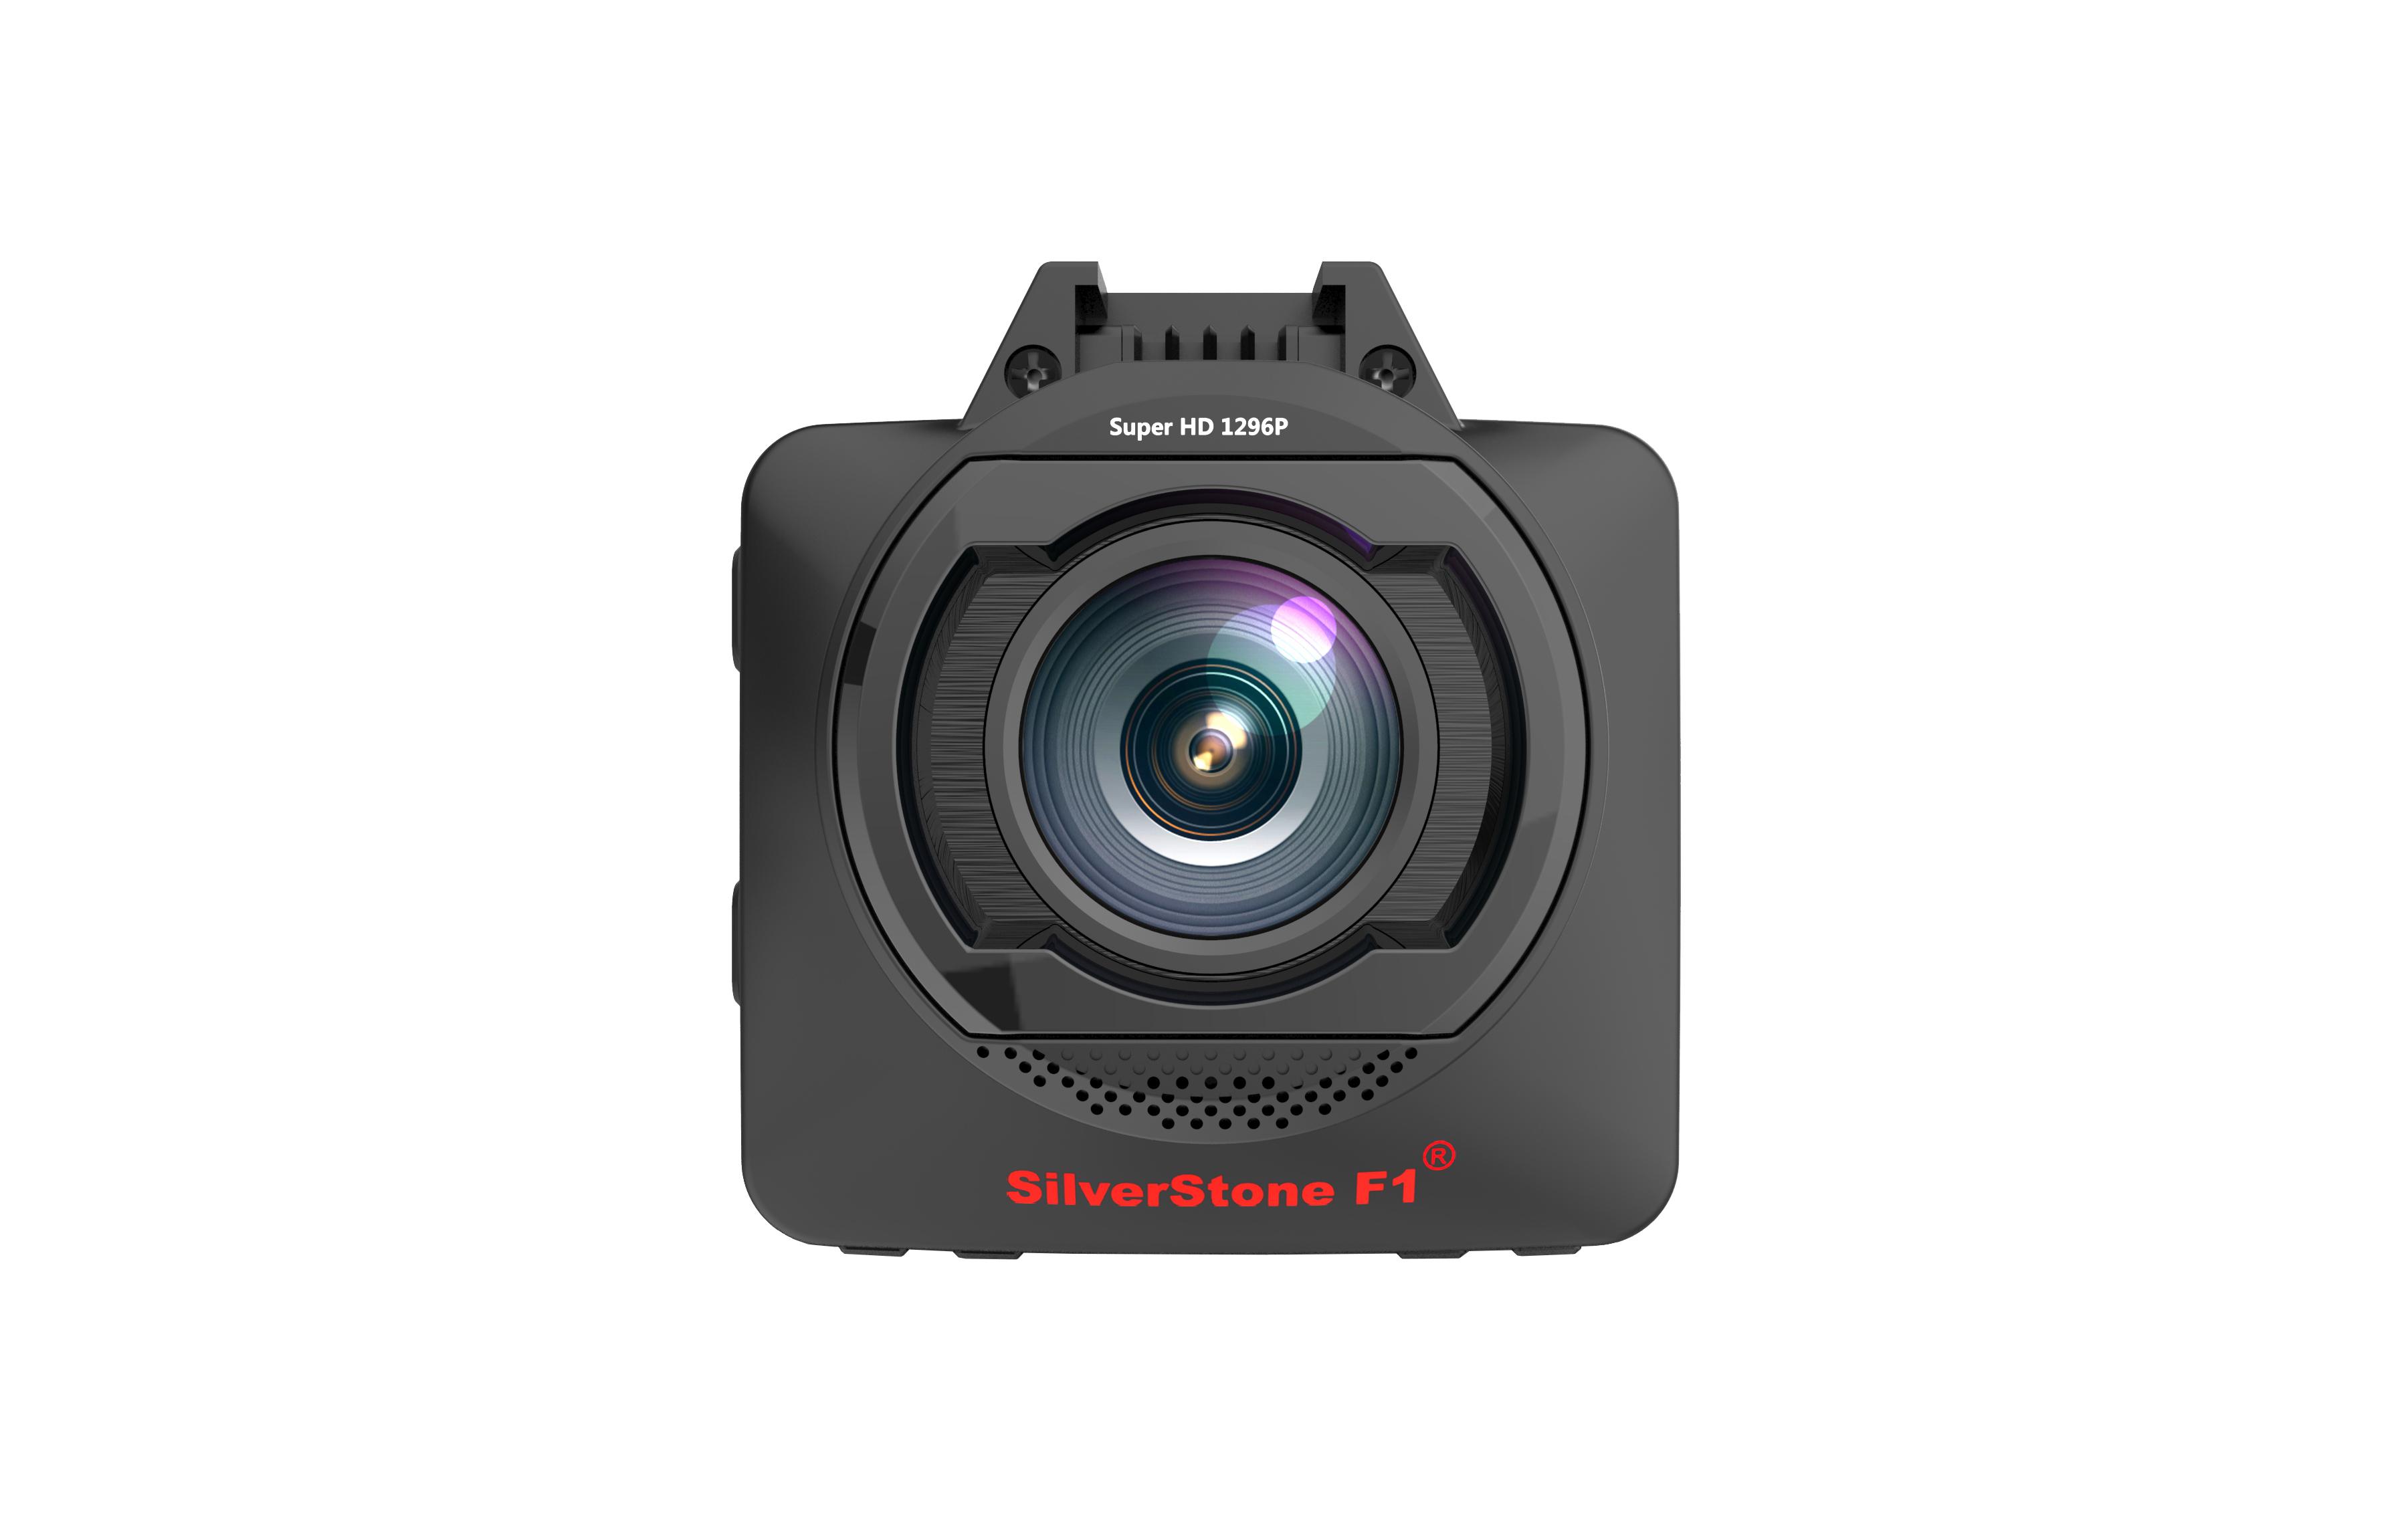 Видеорегистратор SilverStone F1 HYBRID mini (GPS), цвет: черный. A120-GPSA120-GPSSilverStone F1 Hybrid mini – это мощный видеорегистратор с GPS-сопровождением и ультрасовременным процессором Ambarella A12, который позволяет записывать видео в формате SUPER HD. Высокие мощностные показатели были достигнуты благодаря сочетанию производительности процессора Ambarella A12 и матрицы OmniVision, обеспечивающих высокое качество картинки как солнечным днём, так и ночью, а также в сумерках. SilverStone F1 Hybrid mini снабжен GPS-сопровождением, алгоритмы которого прошли проверку на всех комбо-устройствах Silverstone F1 и обеспечивают информирование о всех стационарных комплексах контроля скорости и соблюдения правил дорожного движения: Робот, Автодория, Стрелка и т.д. Обновленная прошивка учитывает работу комплексов контроля: контроль скорости, движения по обочине, по полосе для общественного транспорта, камера ориентирована «в спину», система Платон и т.п. GPS-датчик позволяет записывать скорость, направление движения и координаты автомобиля. Просмотреть видео с привязкой к карте можно с помощью специальной программы. База данных регулярно обновляется. Обновления и техническая поддержка доступны на сайте. Процессор Ambarella A12 Режим WDR (включен по умолчанию) GPS-информатор Угол обзора 170° Еженедельно обновляемая база камер полицейских радаров на сайте Комплектация Видеорегистратор SilverStone Hybrid mini Крепление на присоске Провод в прикуриватель Провод USB Руководство пользователя (инструкция по эксплуатации) Гарантийный талон